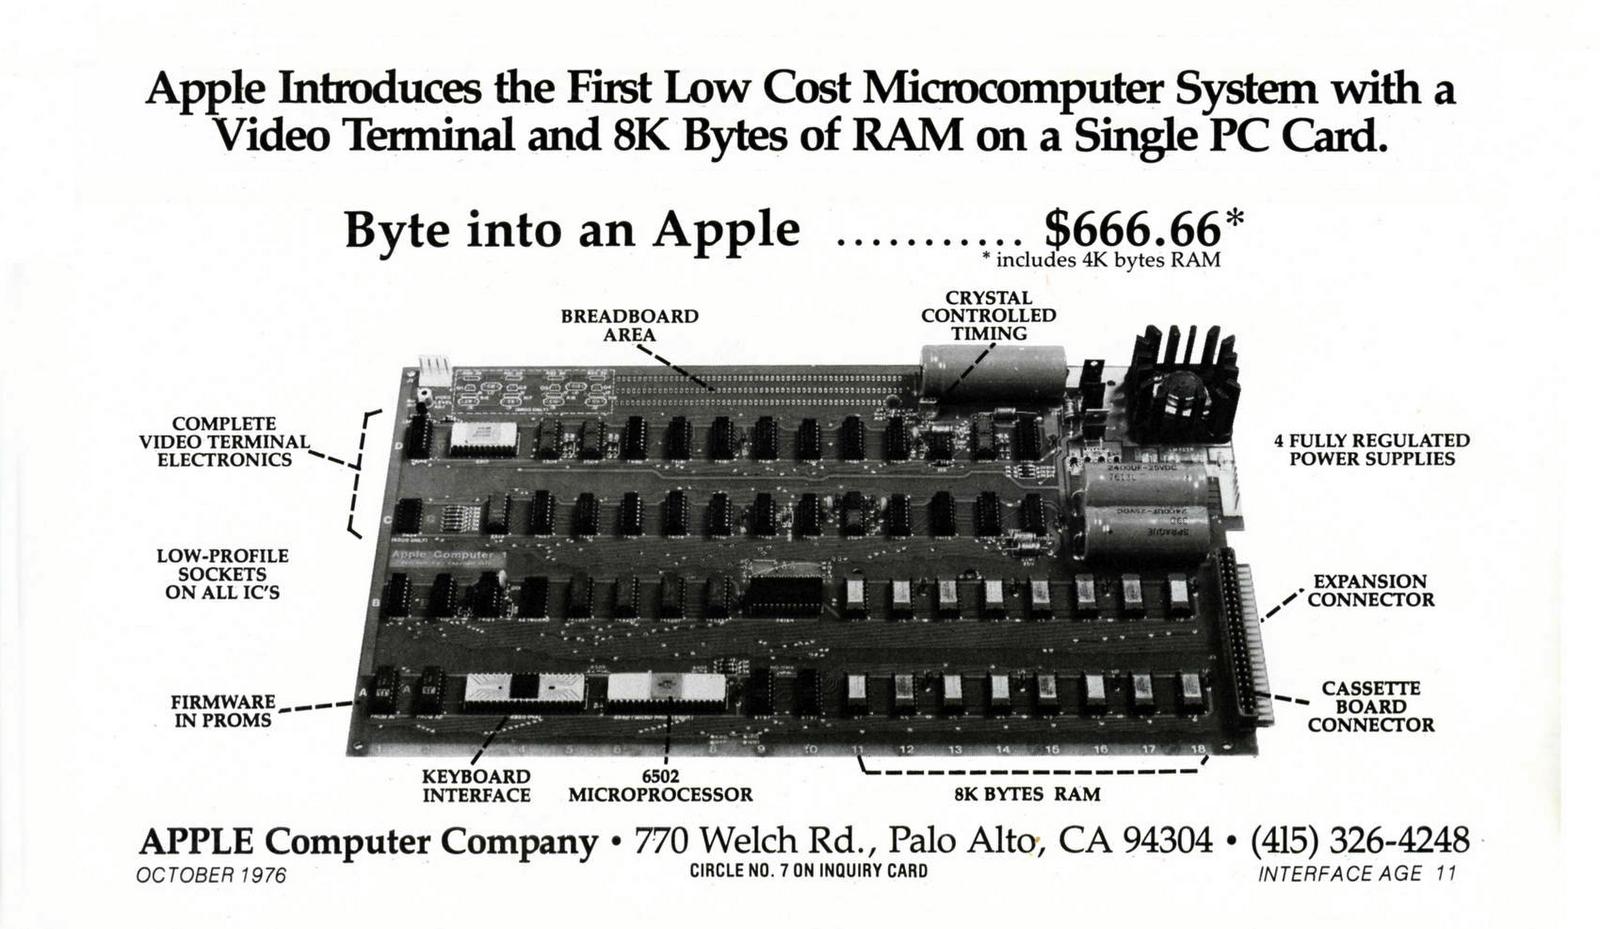 Modkit Blog: Remembering Steve Jobs' DIY Beginnings: From